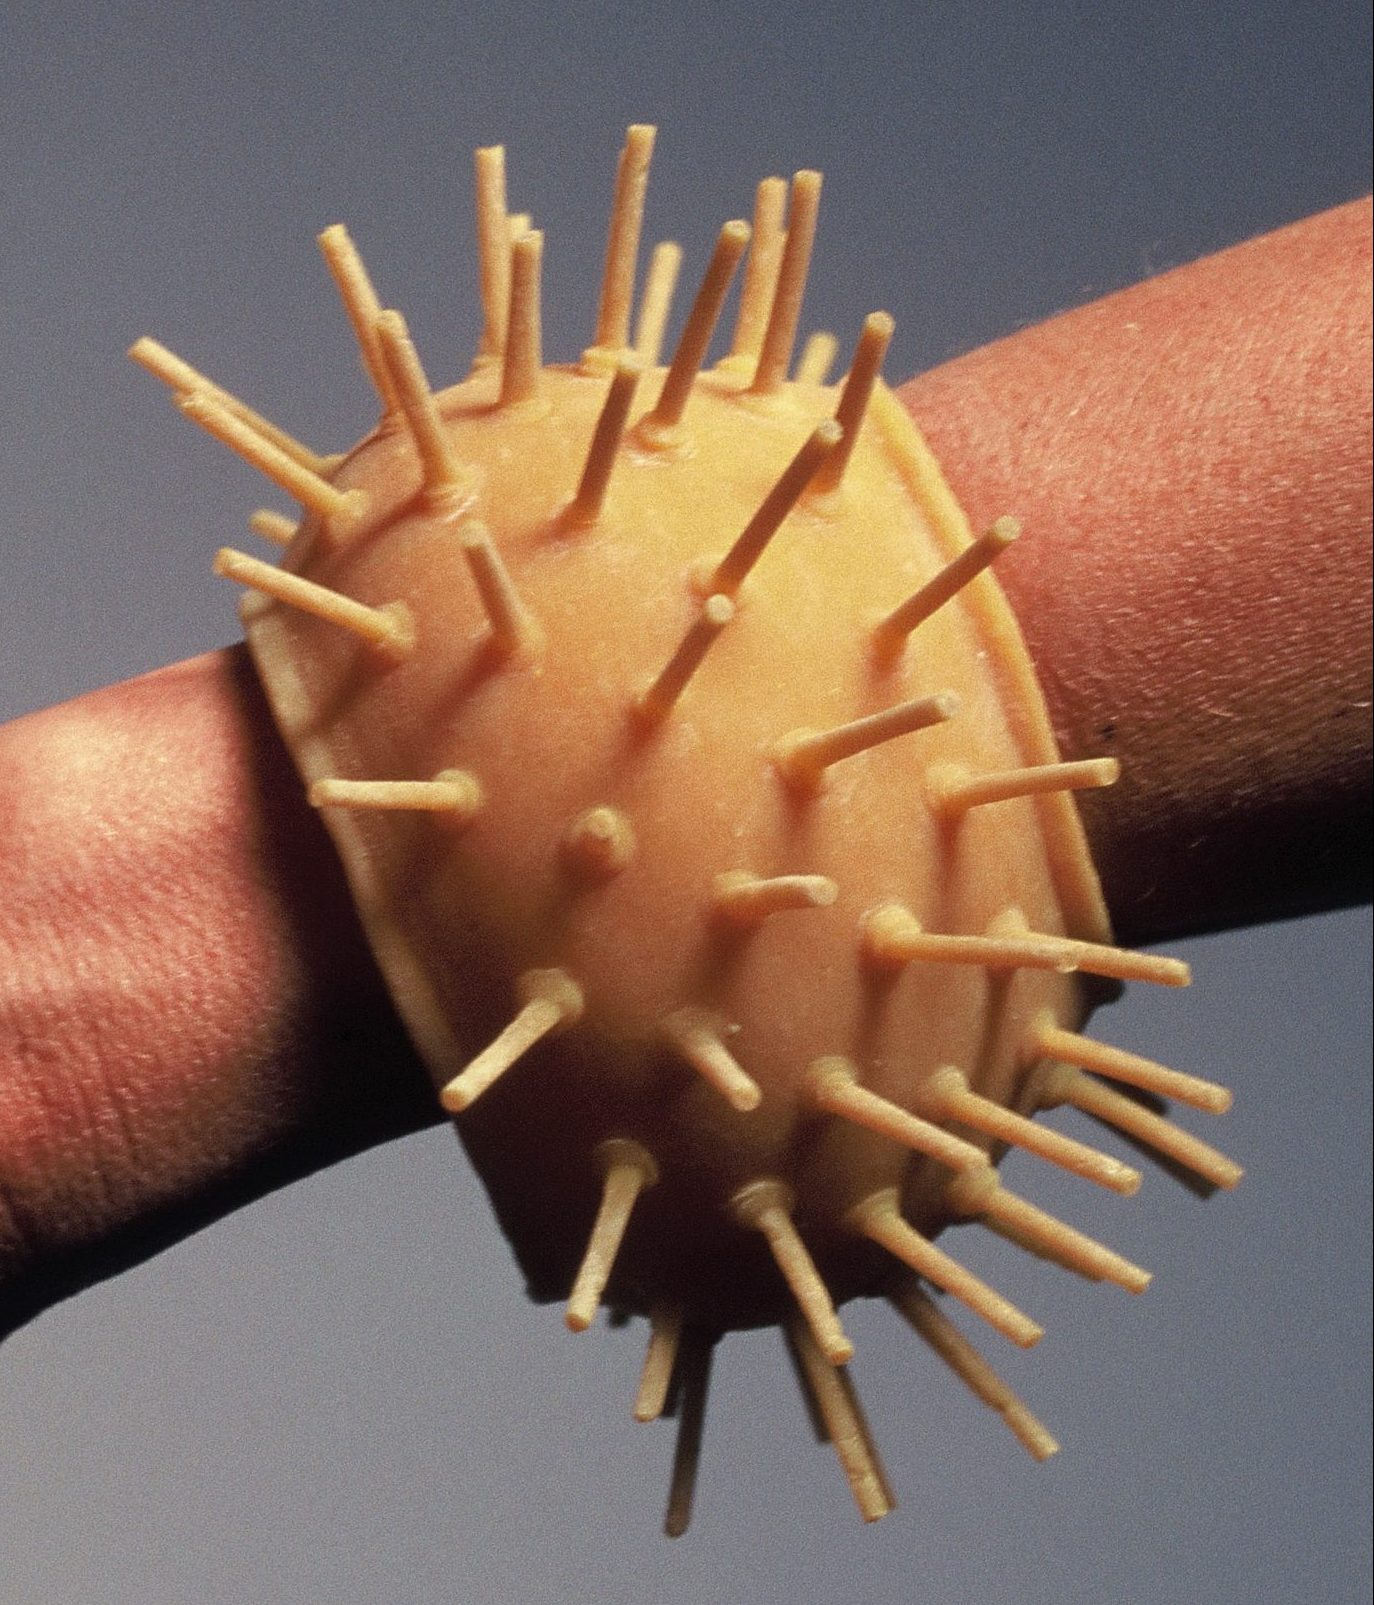 Maria Hees, Armband, 1997, latex